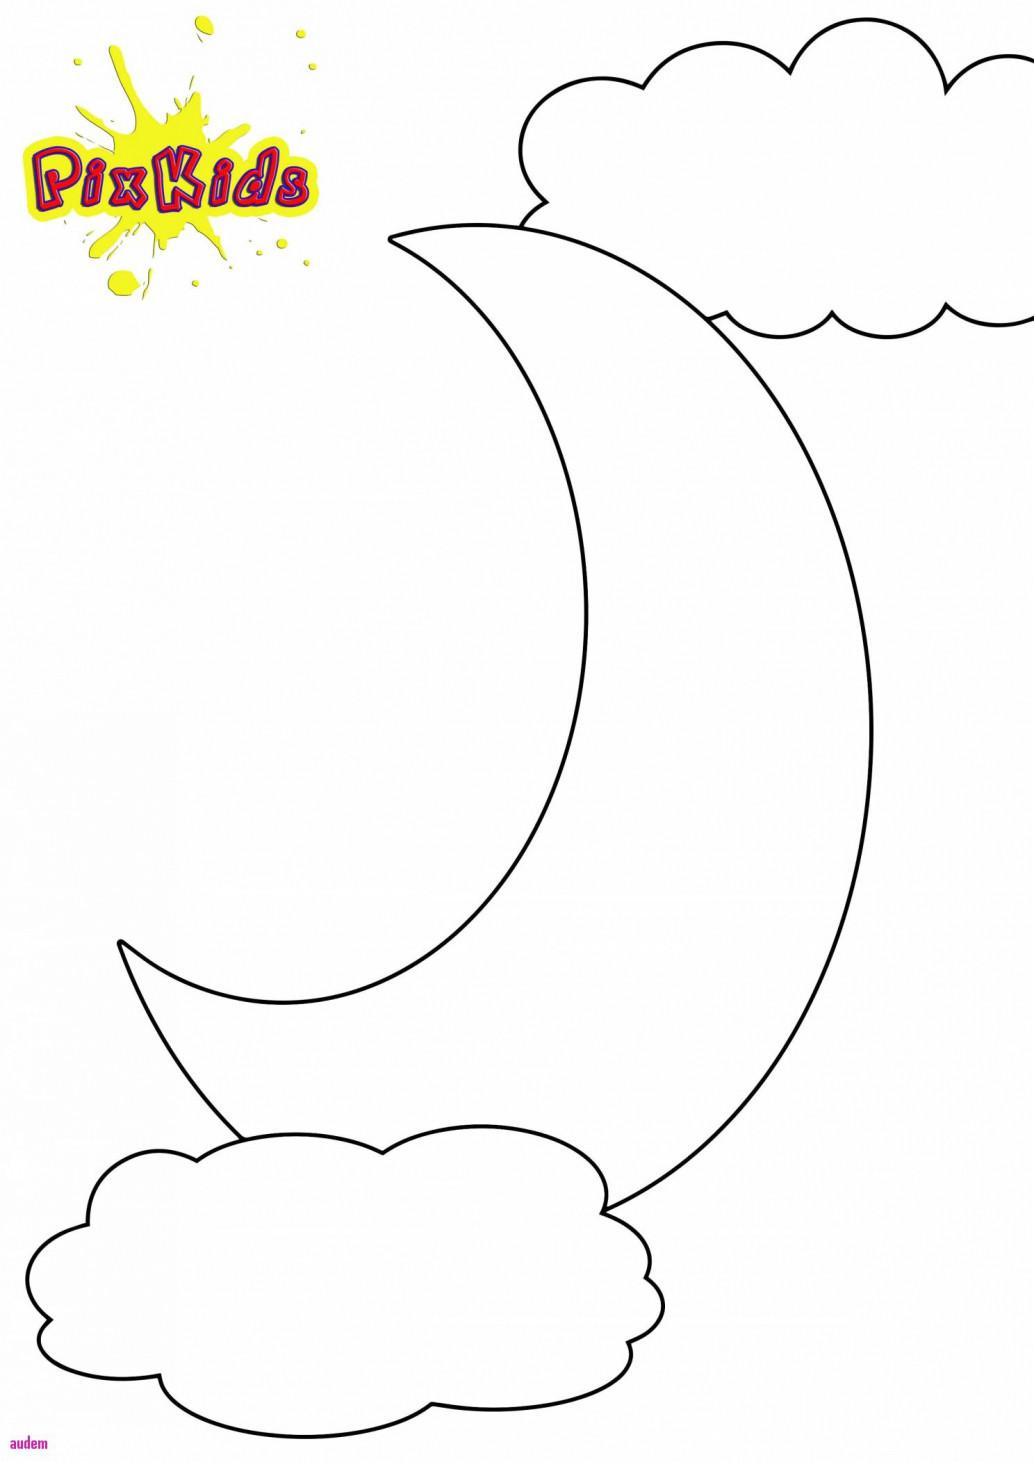 Ausmalbilder Pokemon sonne Und Mond Das Beste Von Fabelhafte Stern Schablone Zum Ausdrucken Ausmalbilder Das Bild